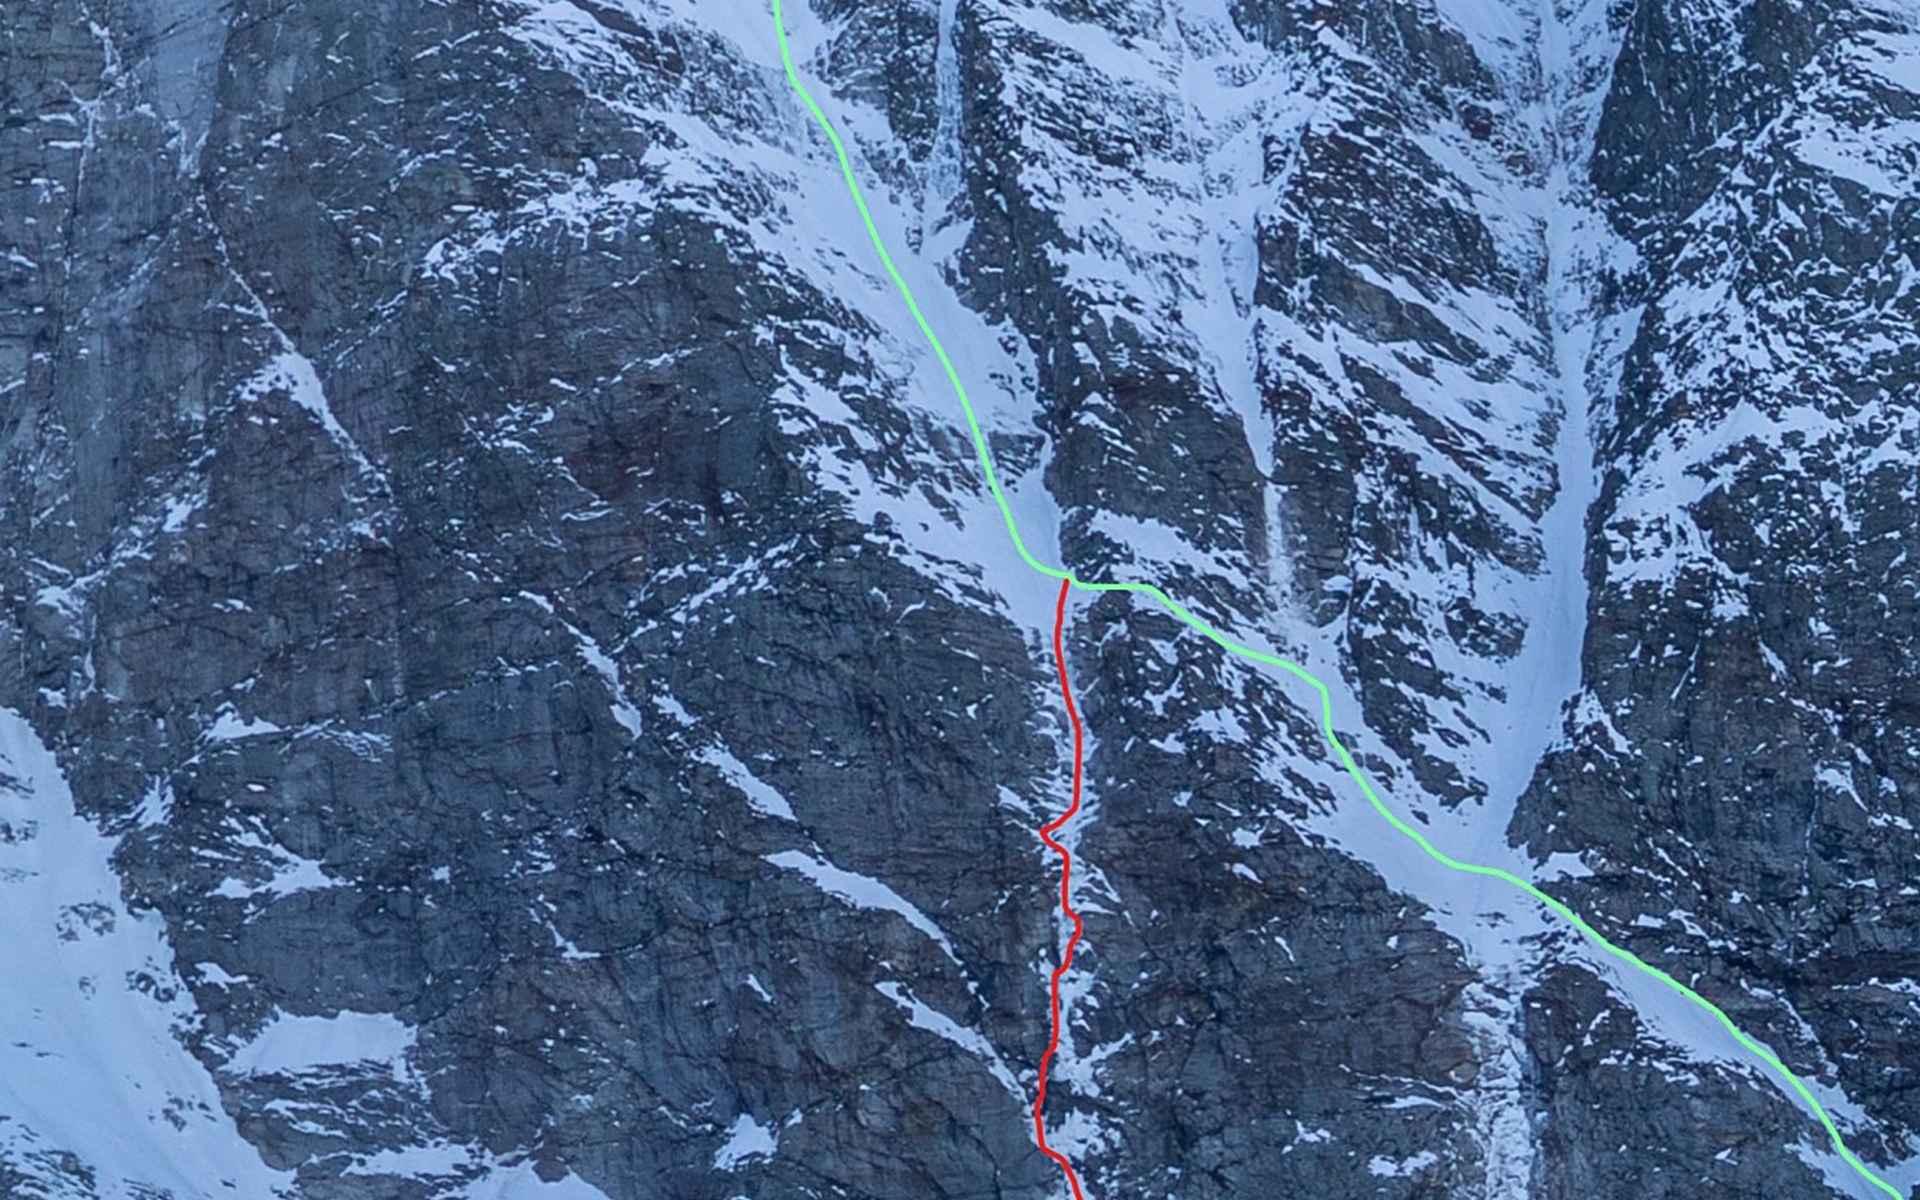 """De noordkant van de Sagwand. In het rood de route """"24 hours of freedom"""" (Sven Brand, Martin Feistl 11-2020), in het groen de route """"Rampenführe"""" (Josef Harold / Helmut Scharfetter 1925)"""